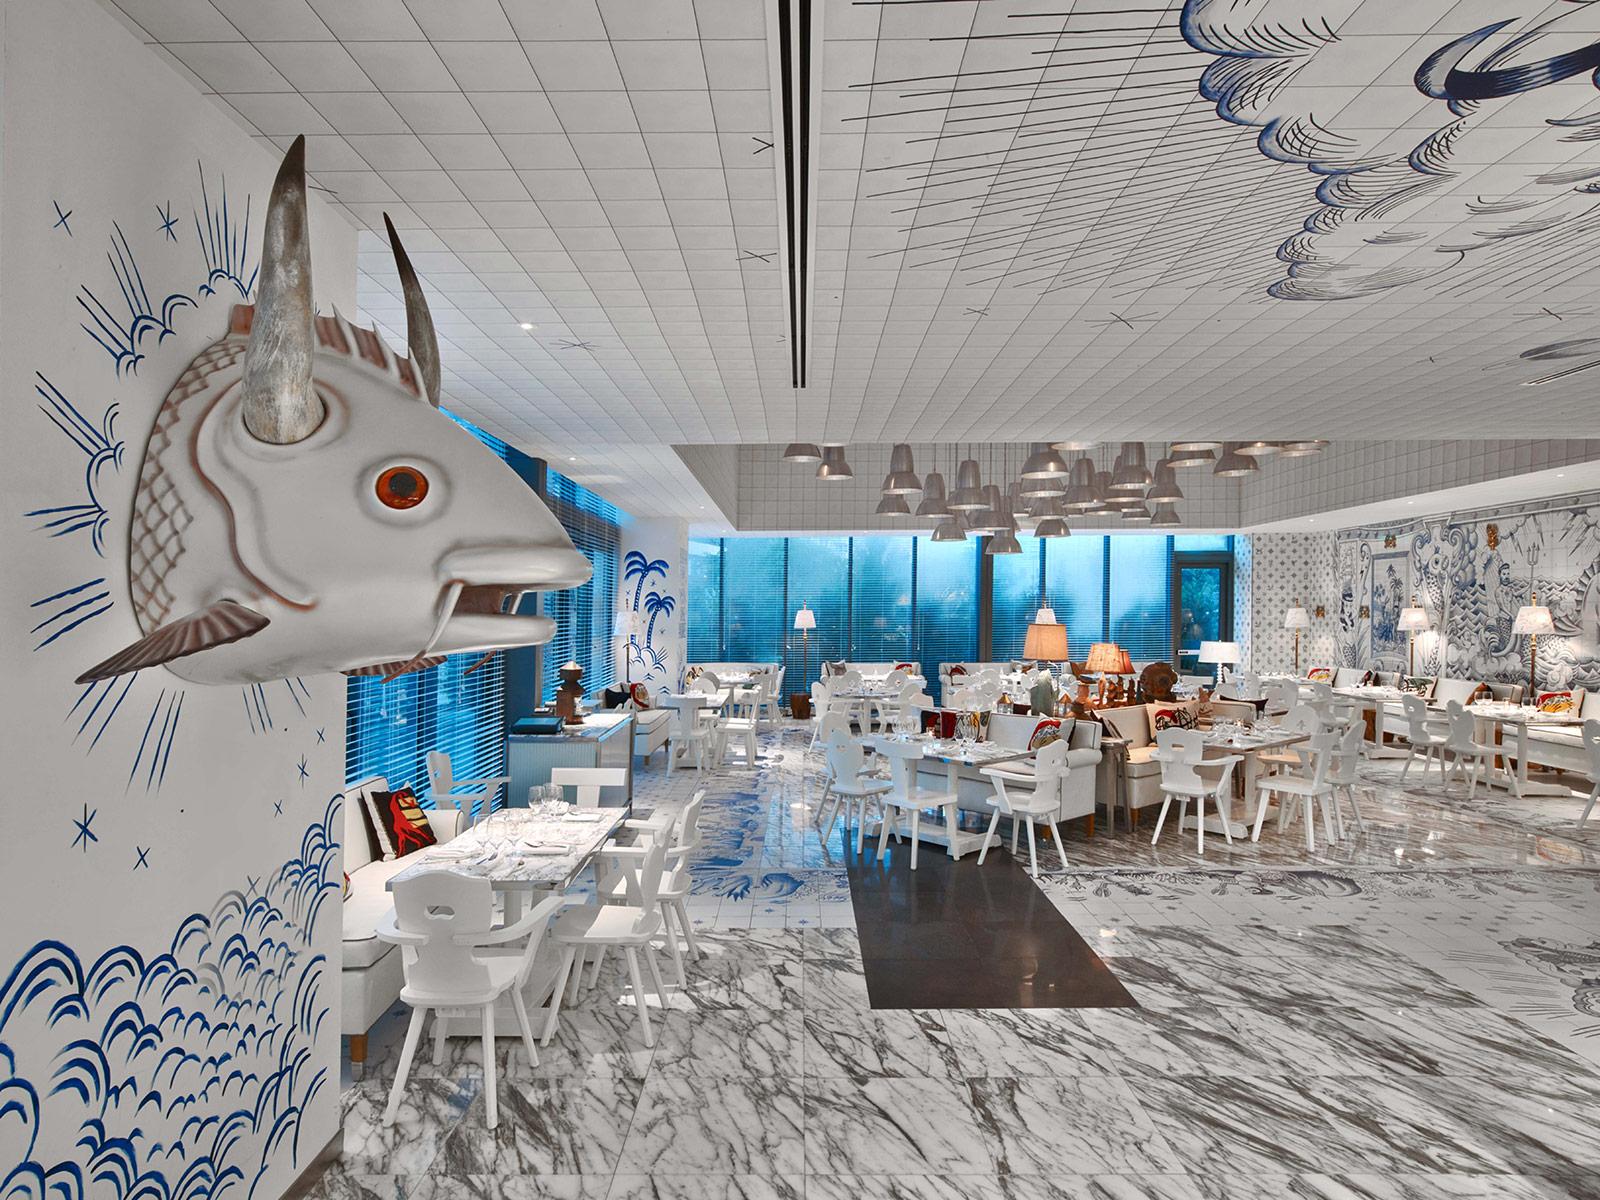 Phillipe starck designs surreal nautical interior for